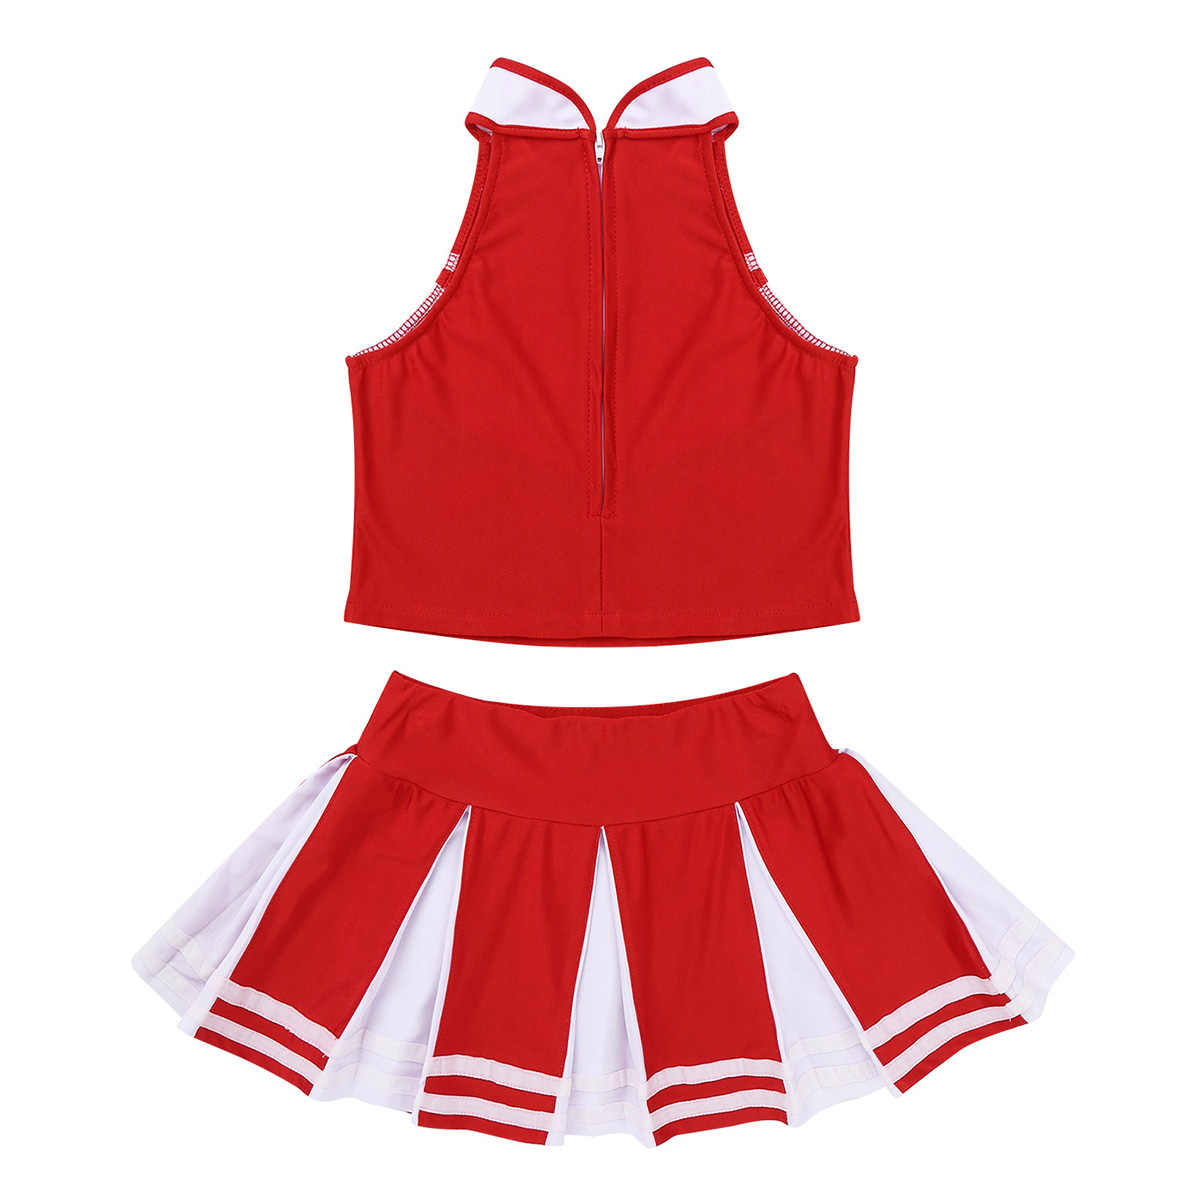 Cheerleader Kostüm Kinder Mädchen Jazz Dance Kostüm Sleeveless Reißverschluss Tops mit Plissee Rock Set Schule Cheerleading Uniformen